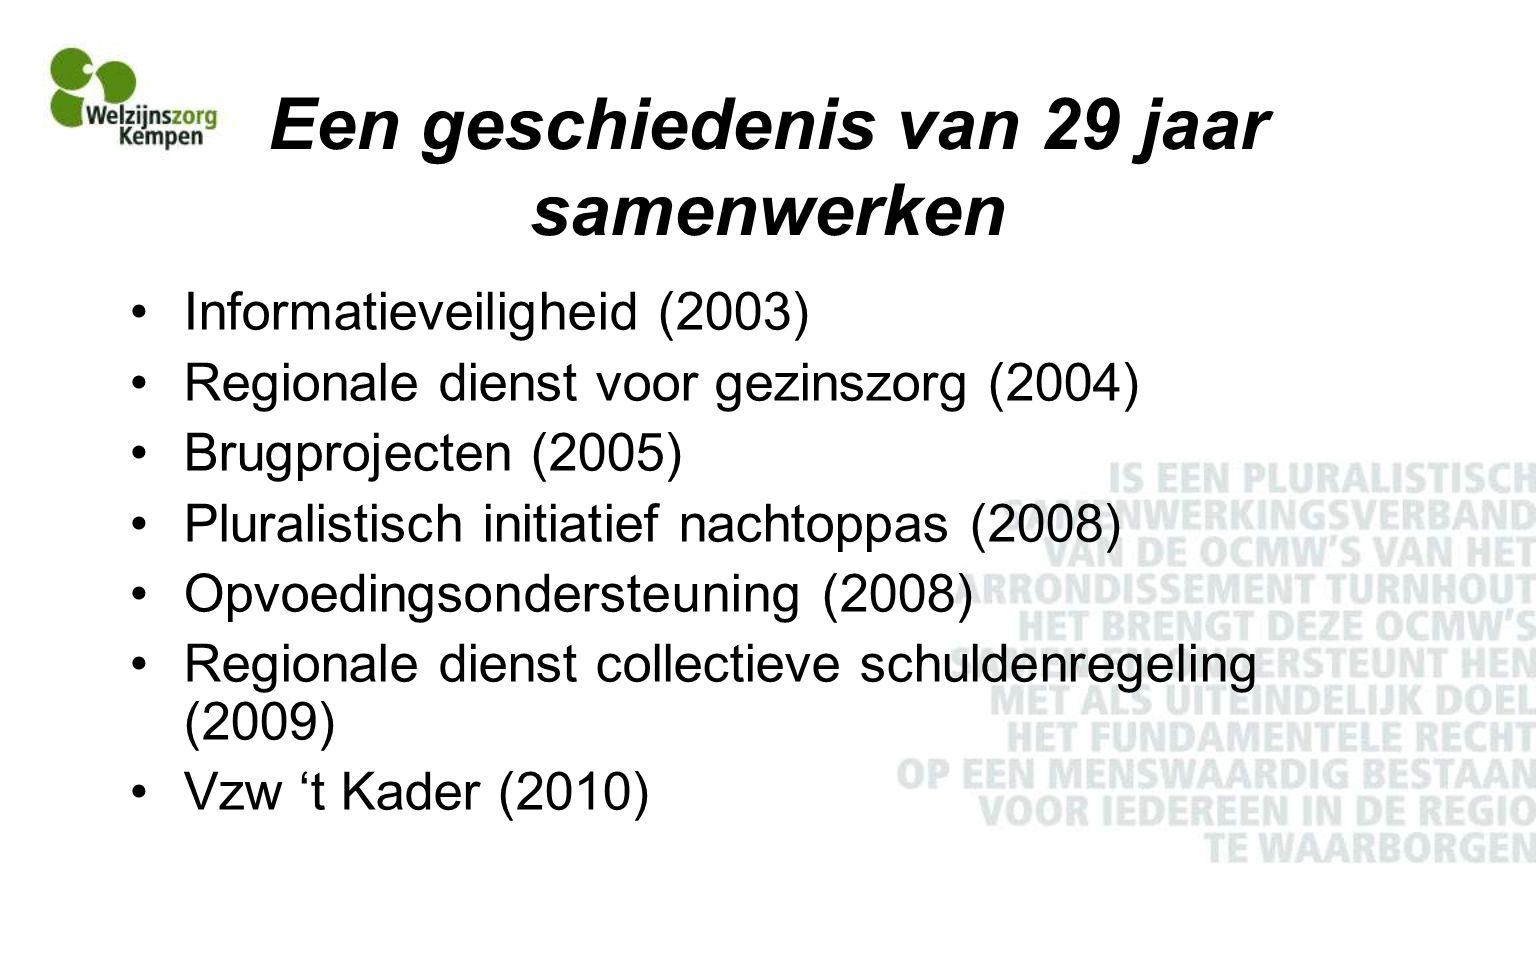 Een geschiedenis van 29 jaar samenwerken Informatieveiligheid (2003) Regionale dienst voor gezinszorg (2004) Brugprojecten (2005) Pluralistisch initiatief nachtoppas (2008) Opvoedingsondersteuning (2008) Regionale dienst collectieve schuldenregeling (2009) Vzw 't Kader (2010)